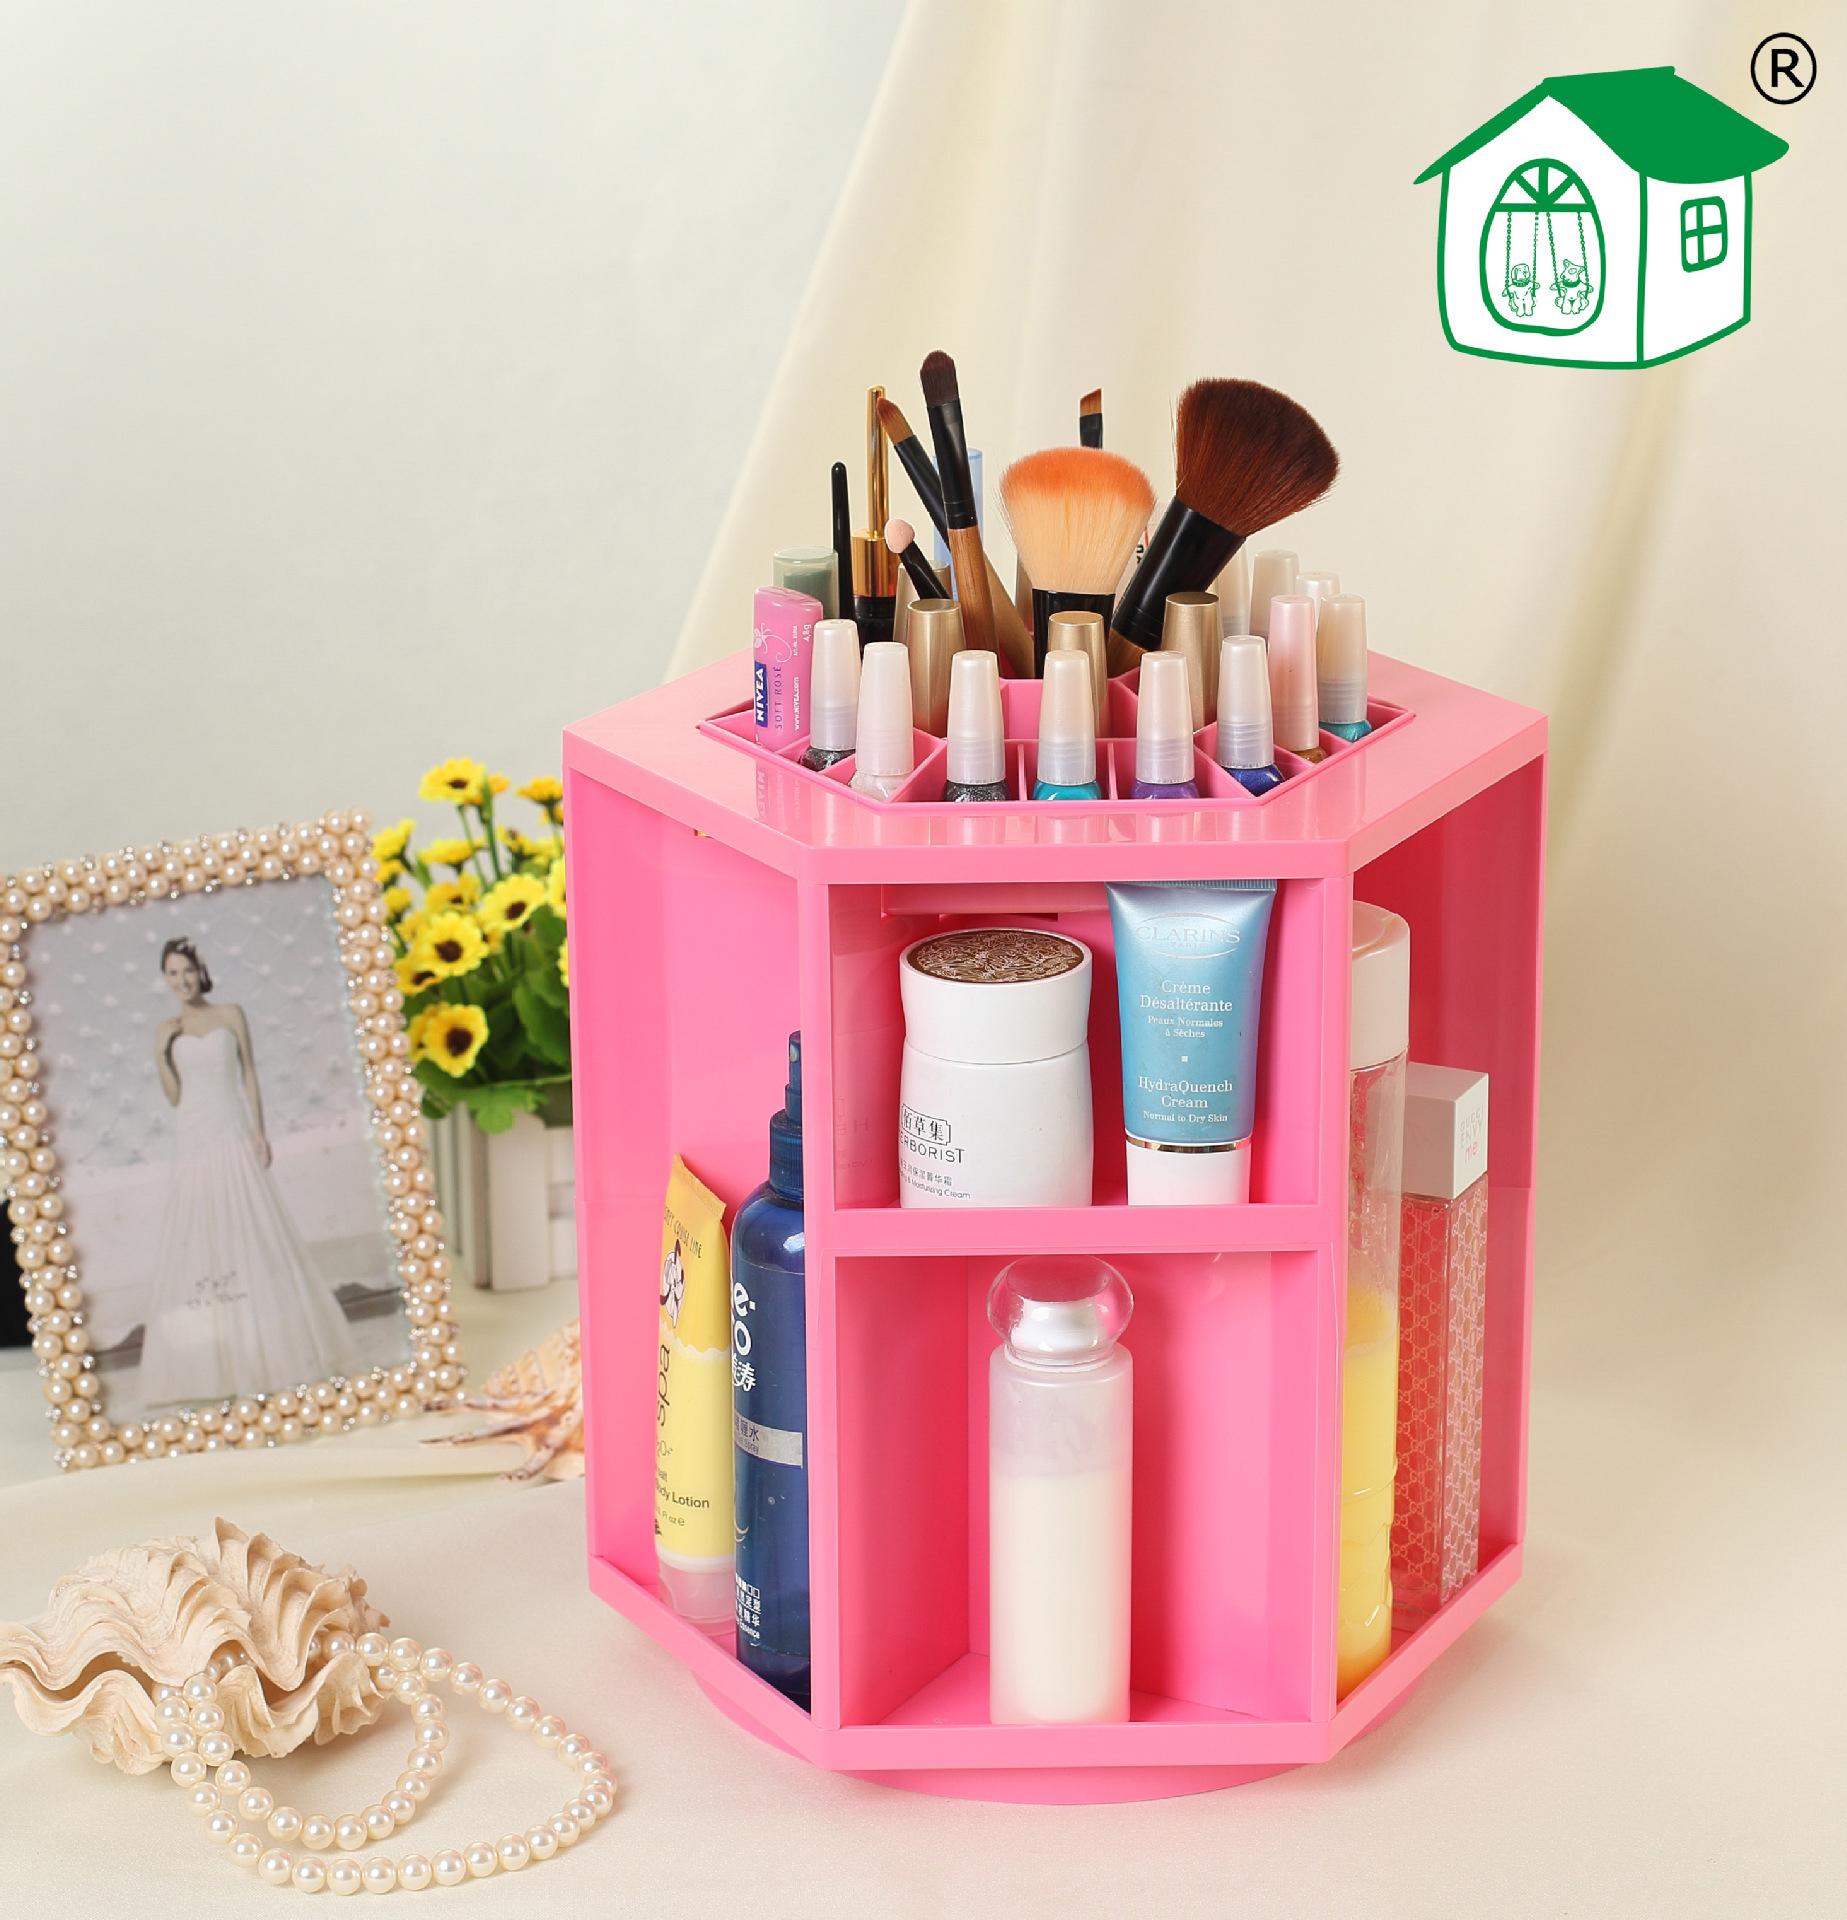 Hộp đựng đồ trang điểm Cosmetic Tower màu hồng